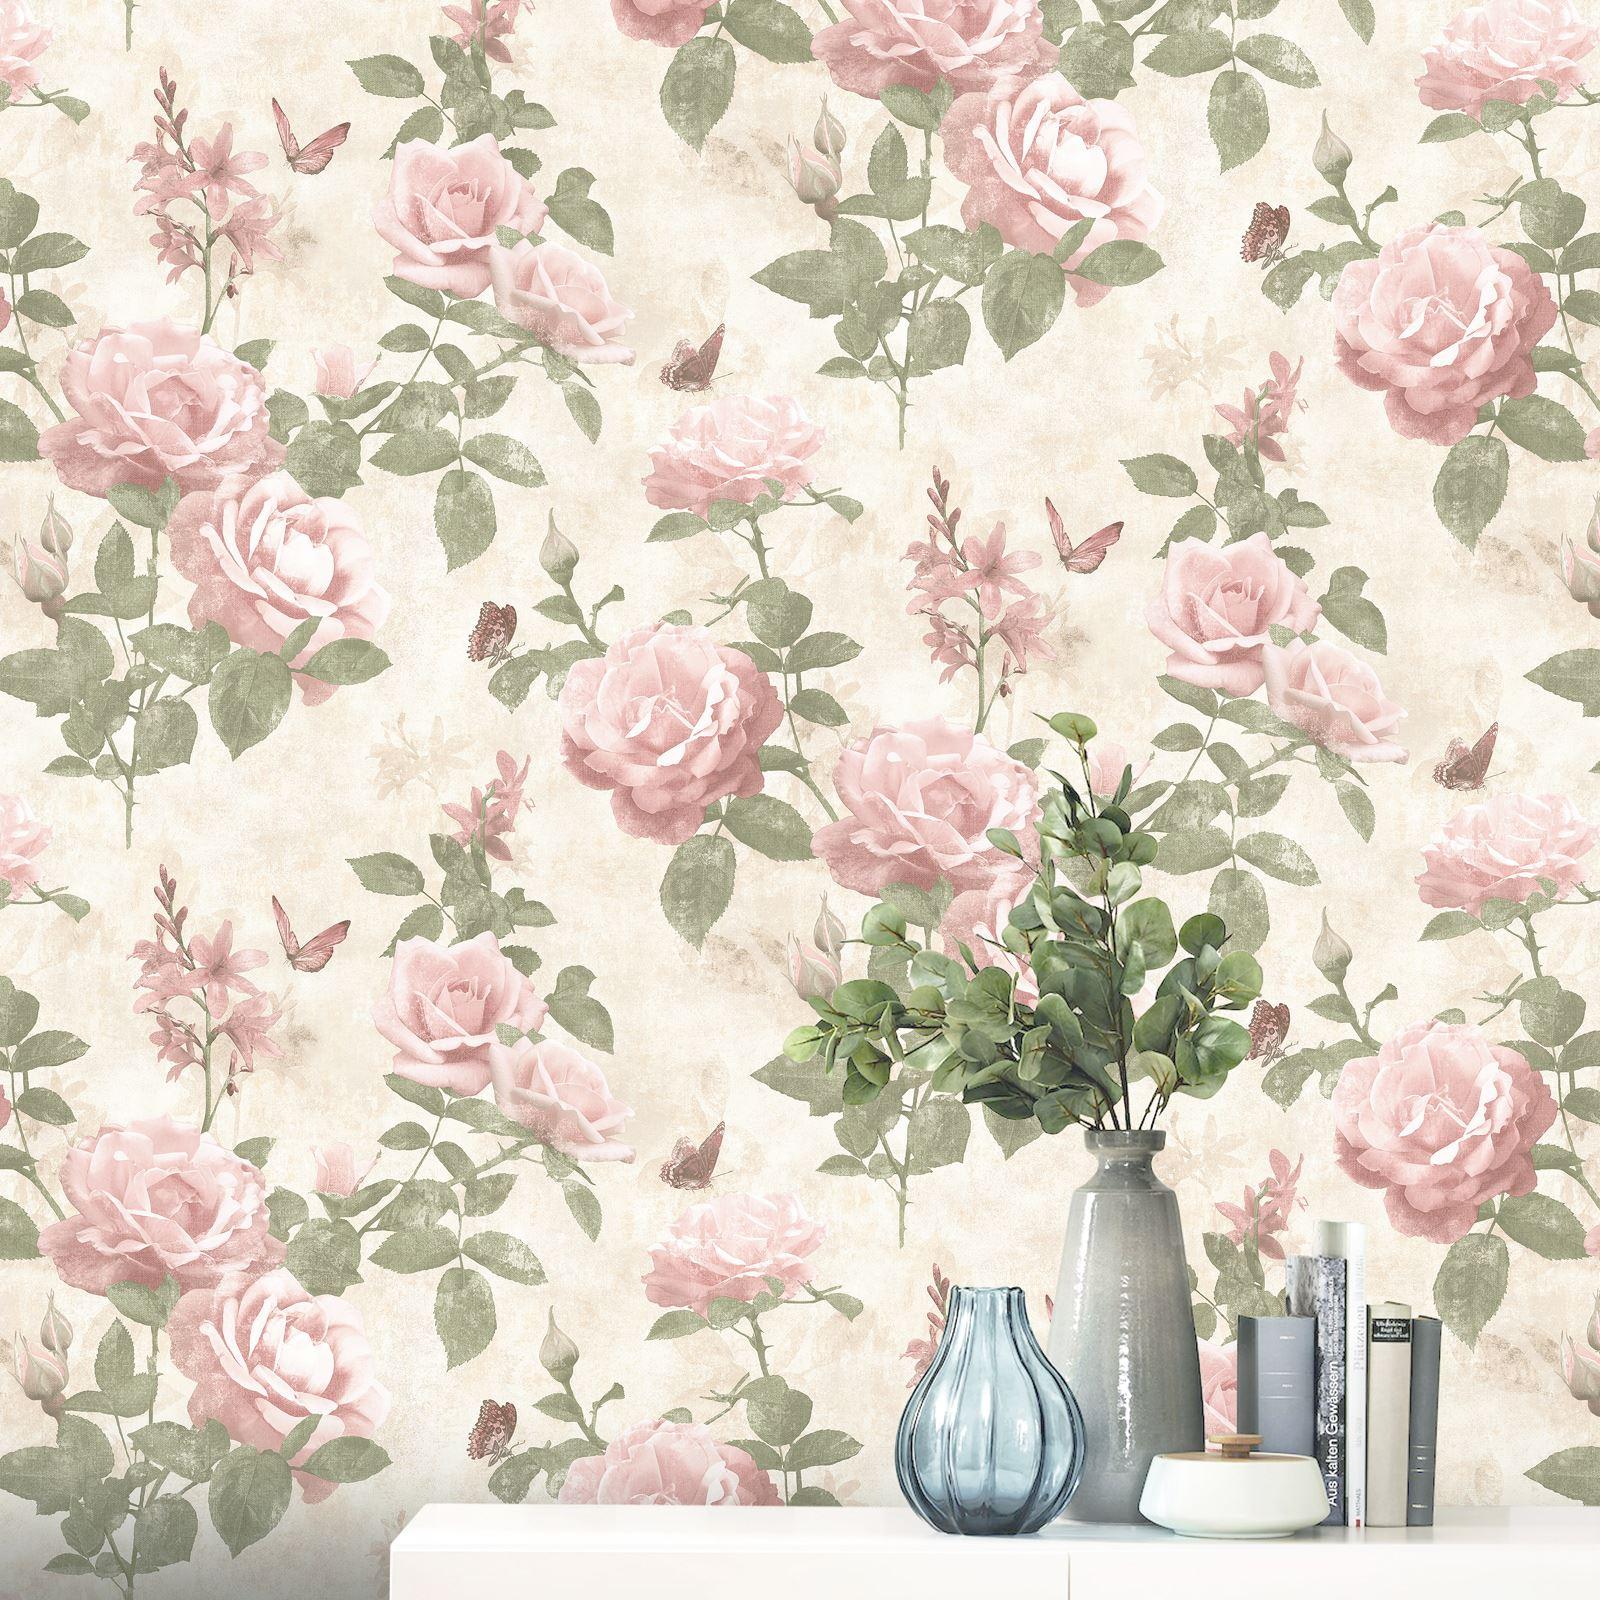 Portfolio Vintage Rose Wallpaper Pink Natural Rasch 215007 New Floral 4000441215007 Ebay